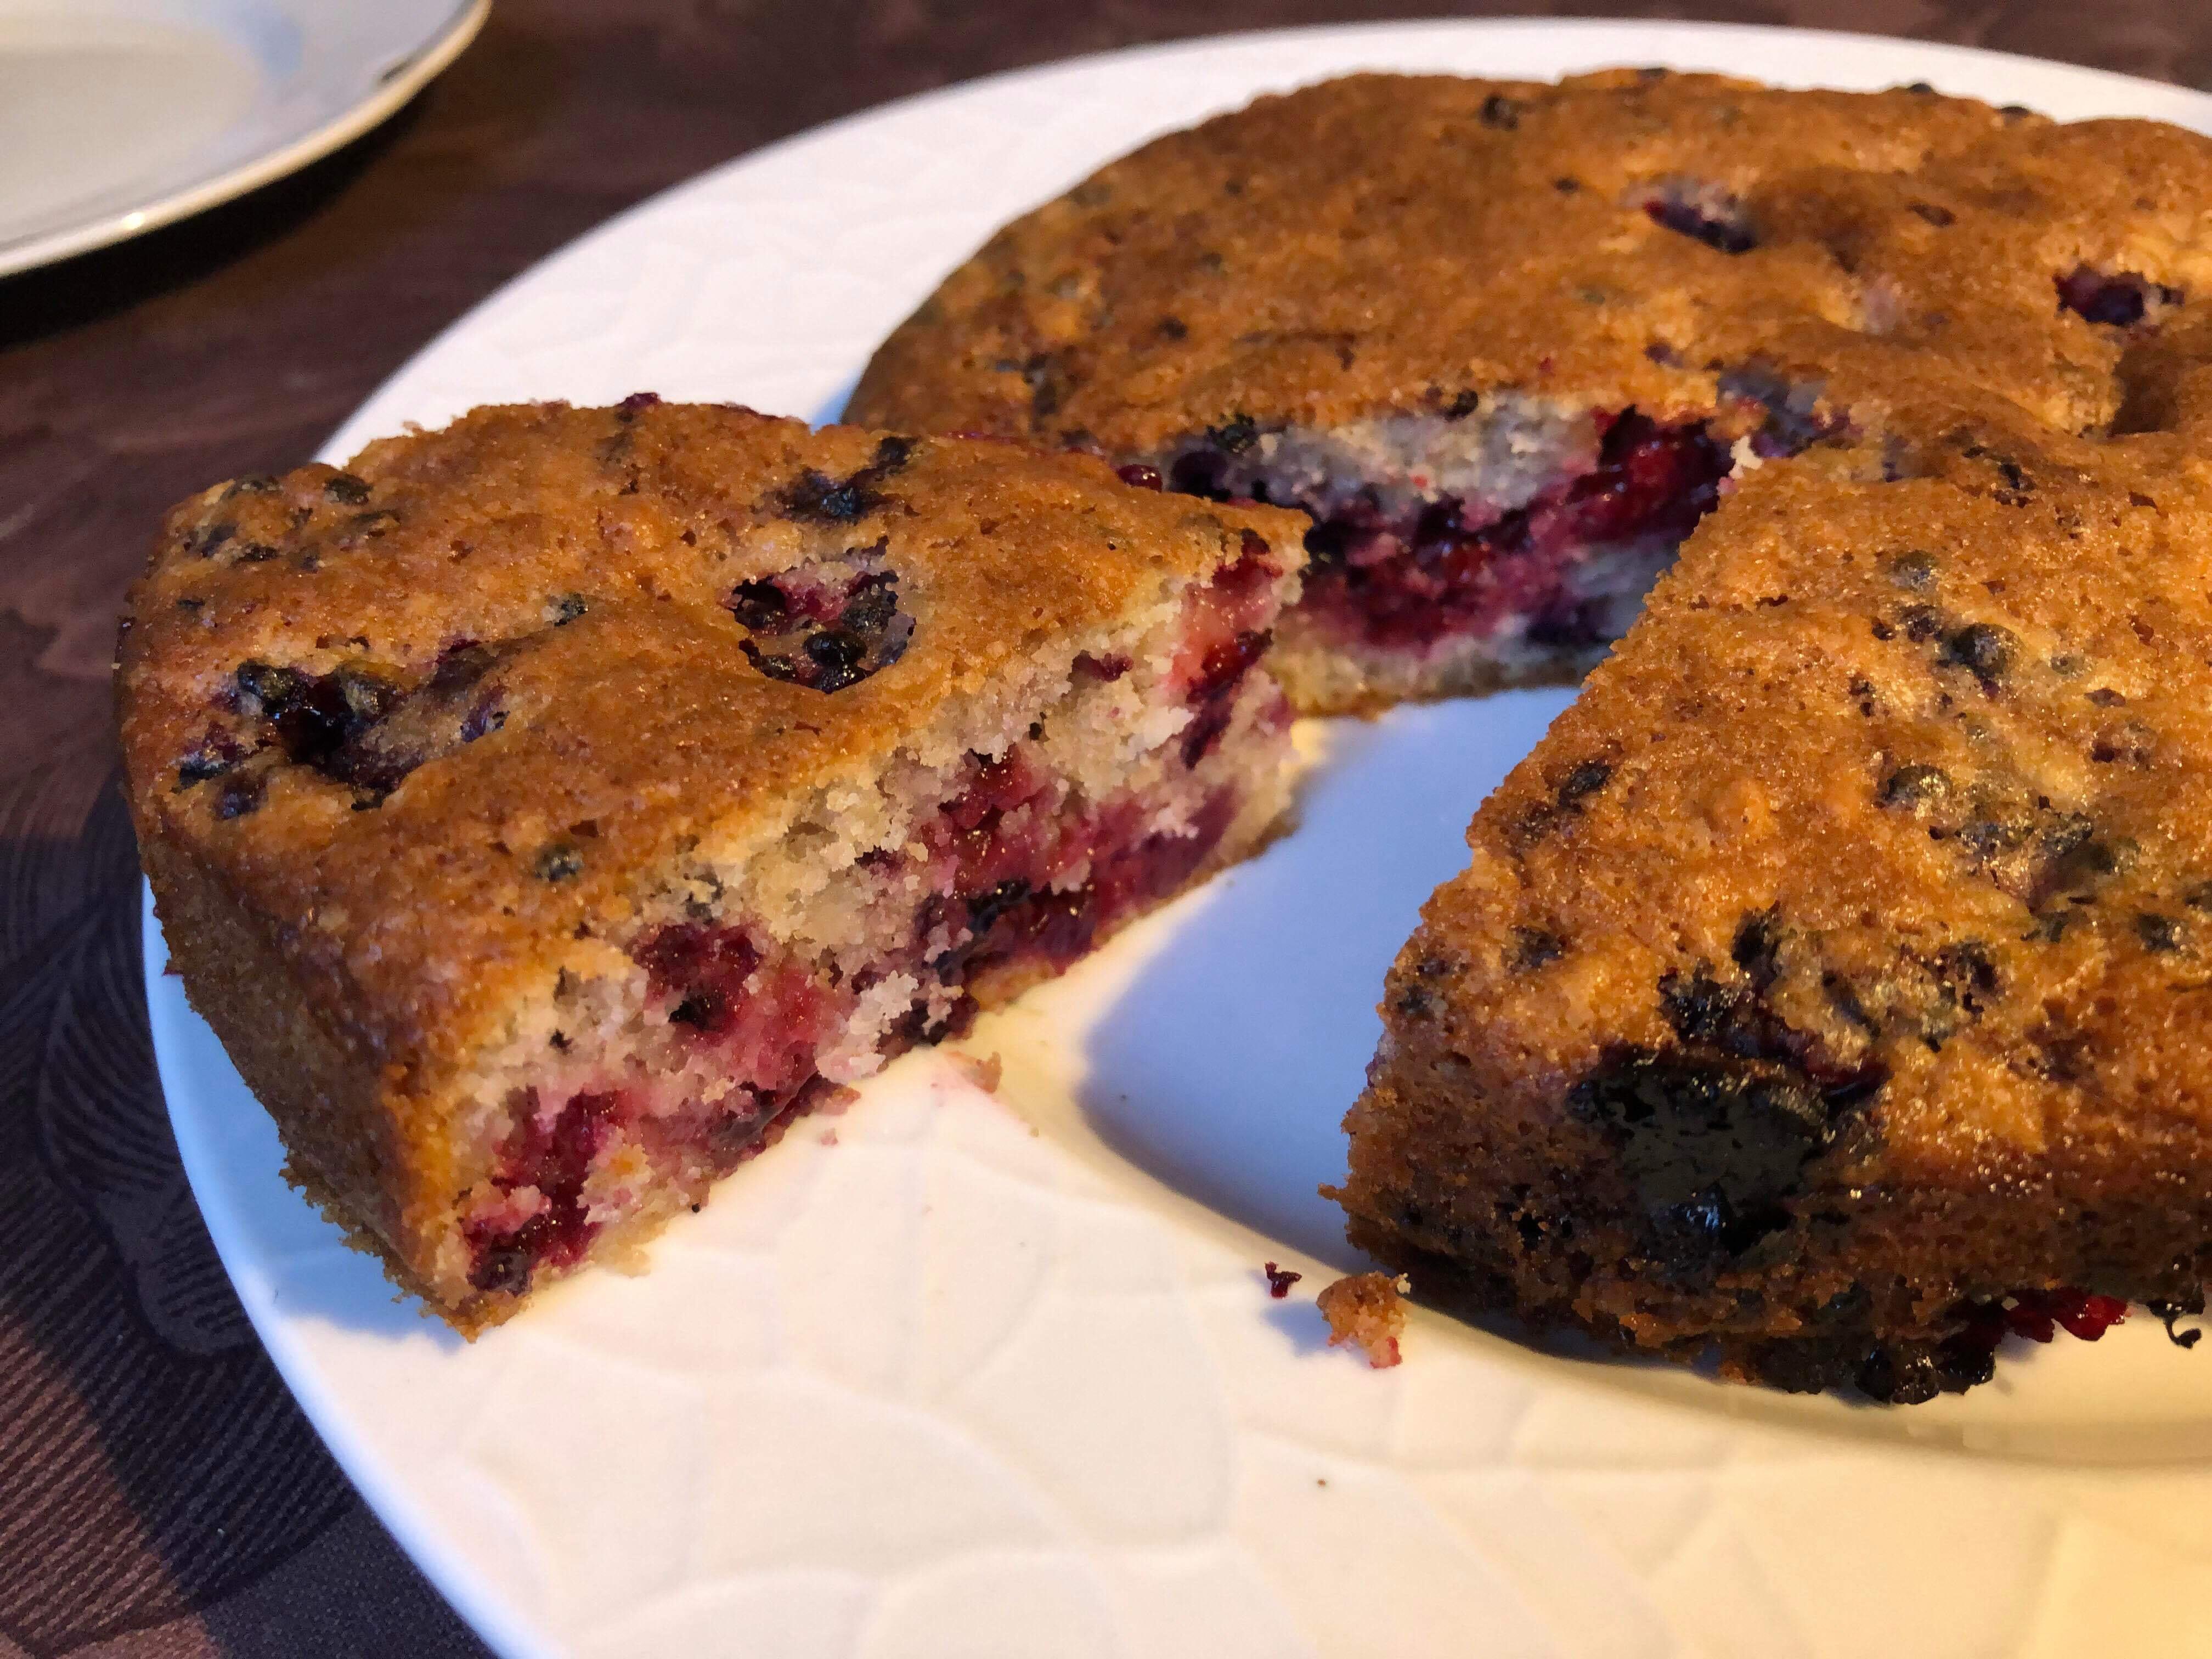 Frugtkage, bærkage eller bare skøn kage